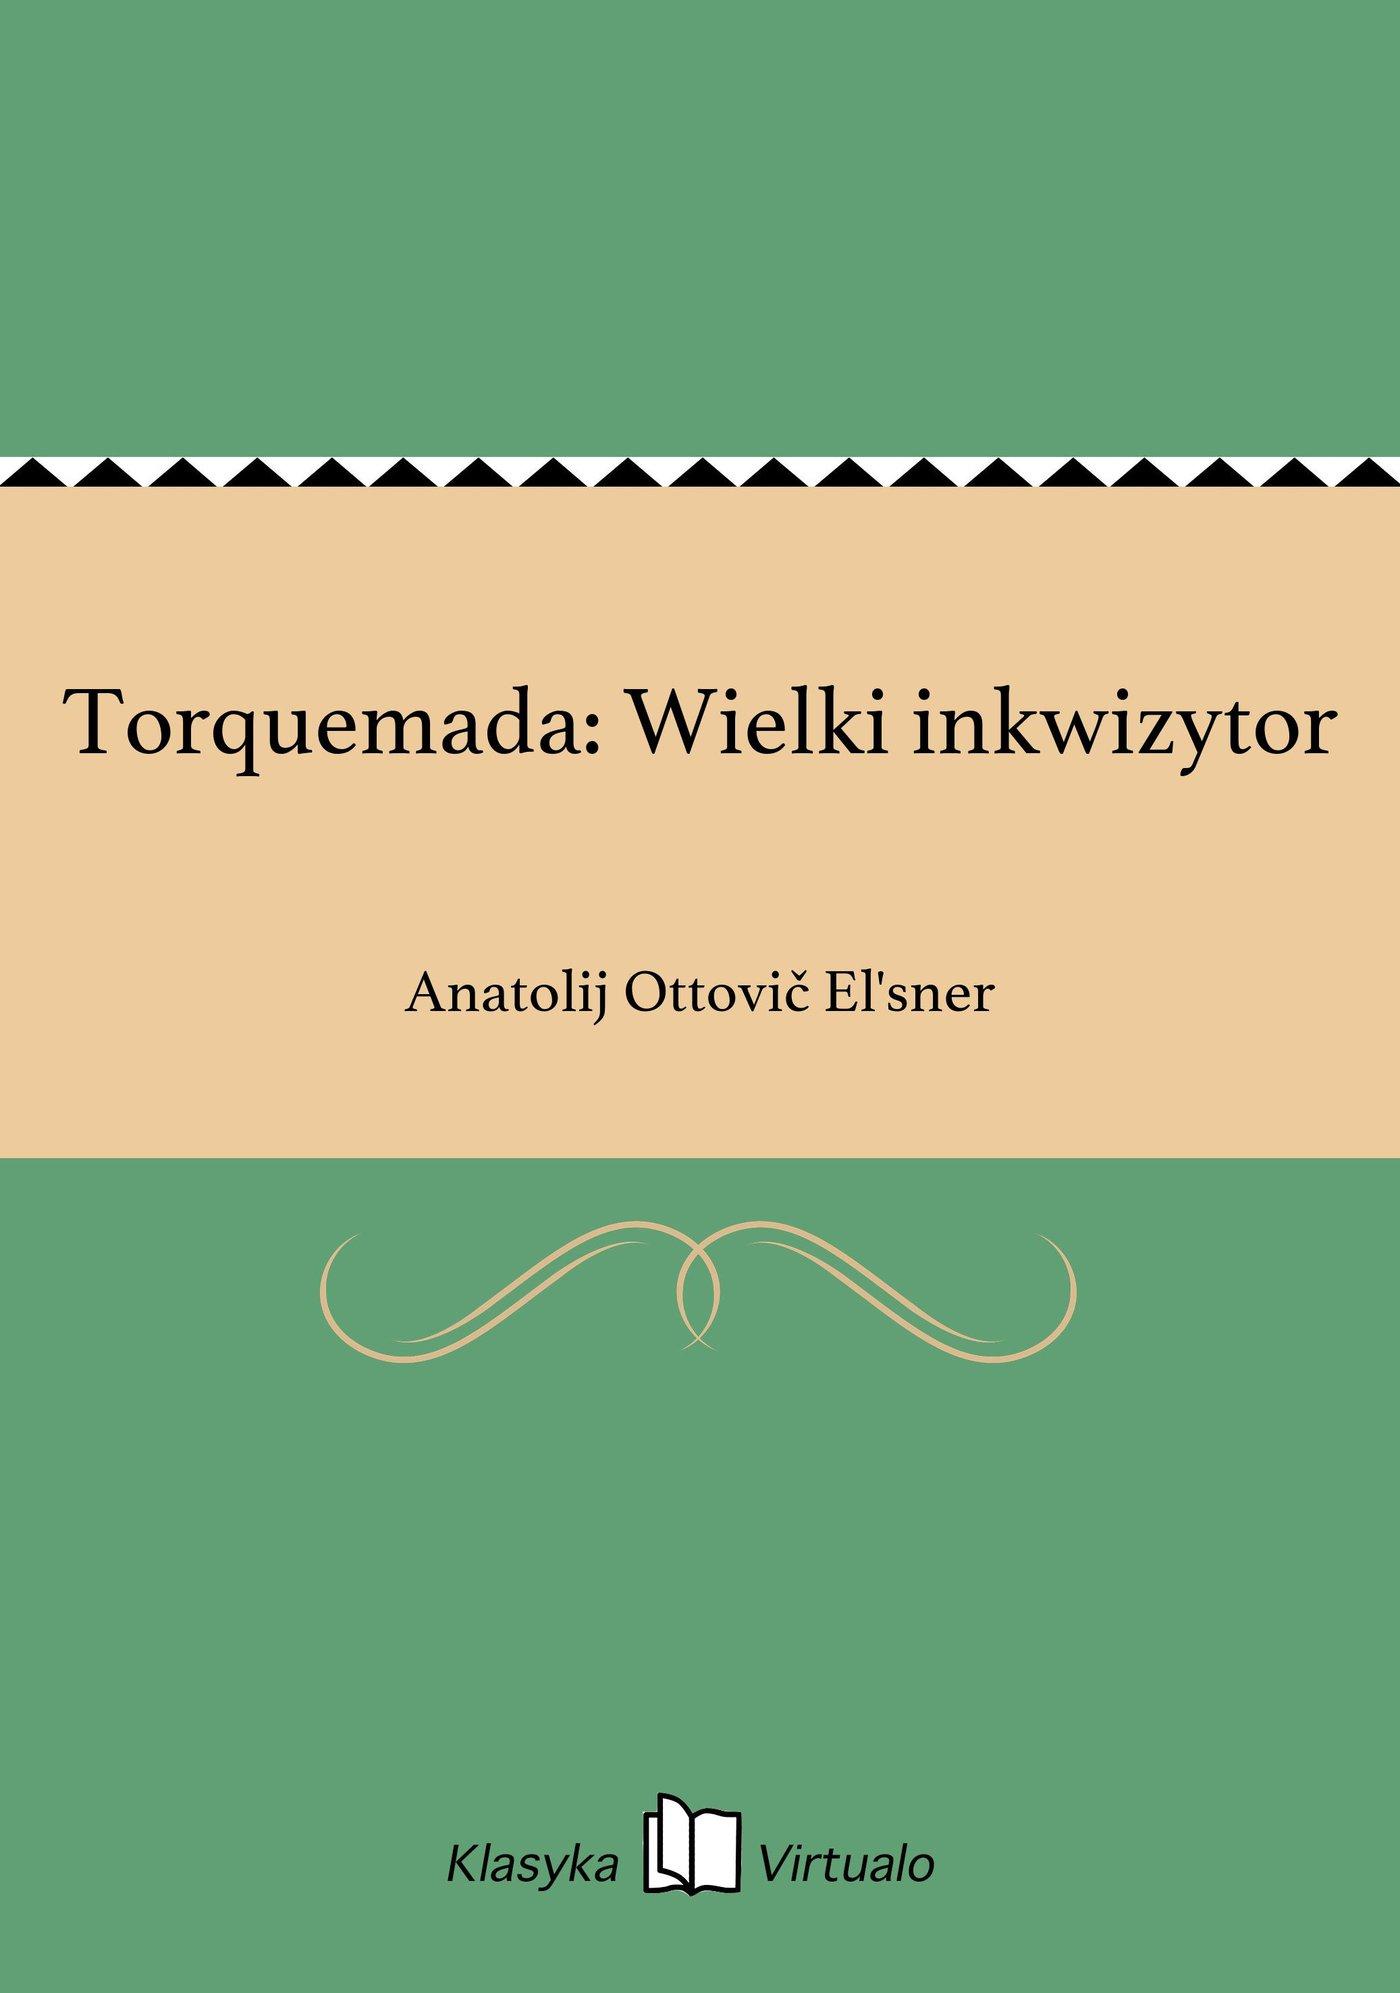 Torquemada: Wielki inkwizytor - Ebook (Książka na Kindle) do pobrania w formacie MOBI